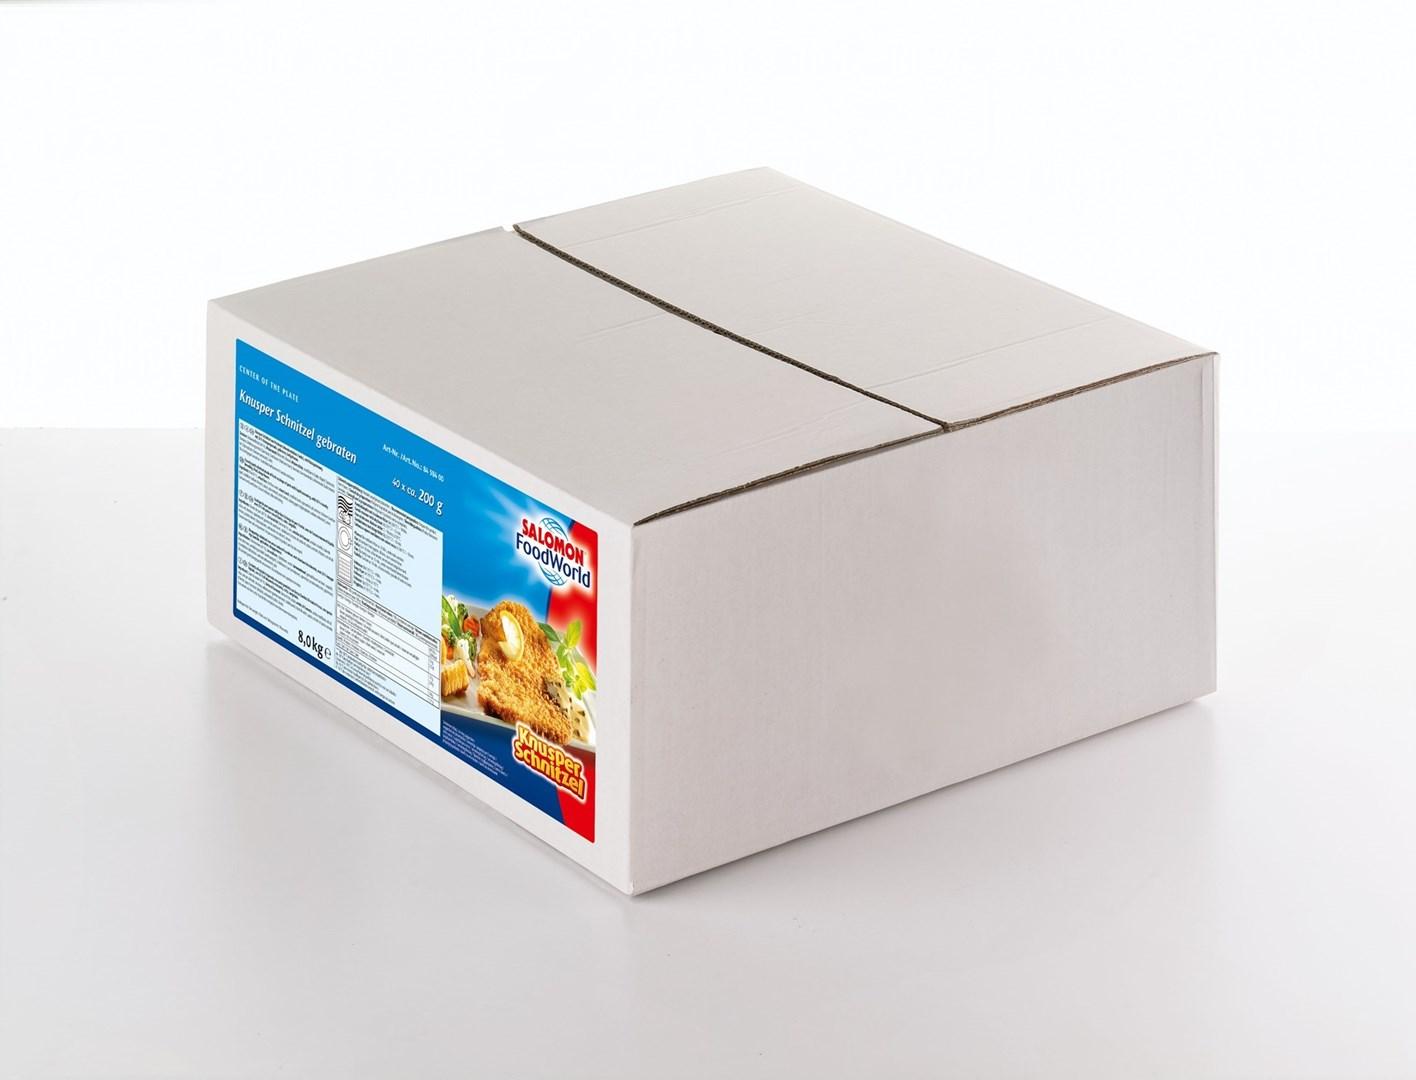 Productafbeelding MS Knusper Schnitzel 200 g gebraten